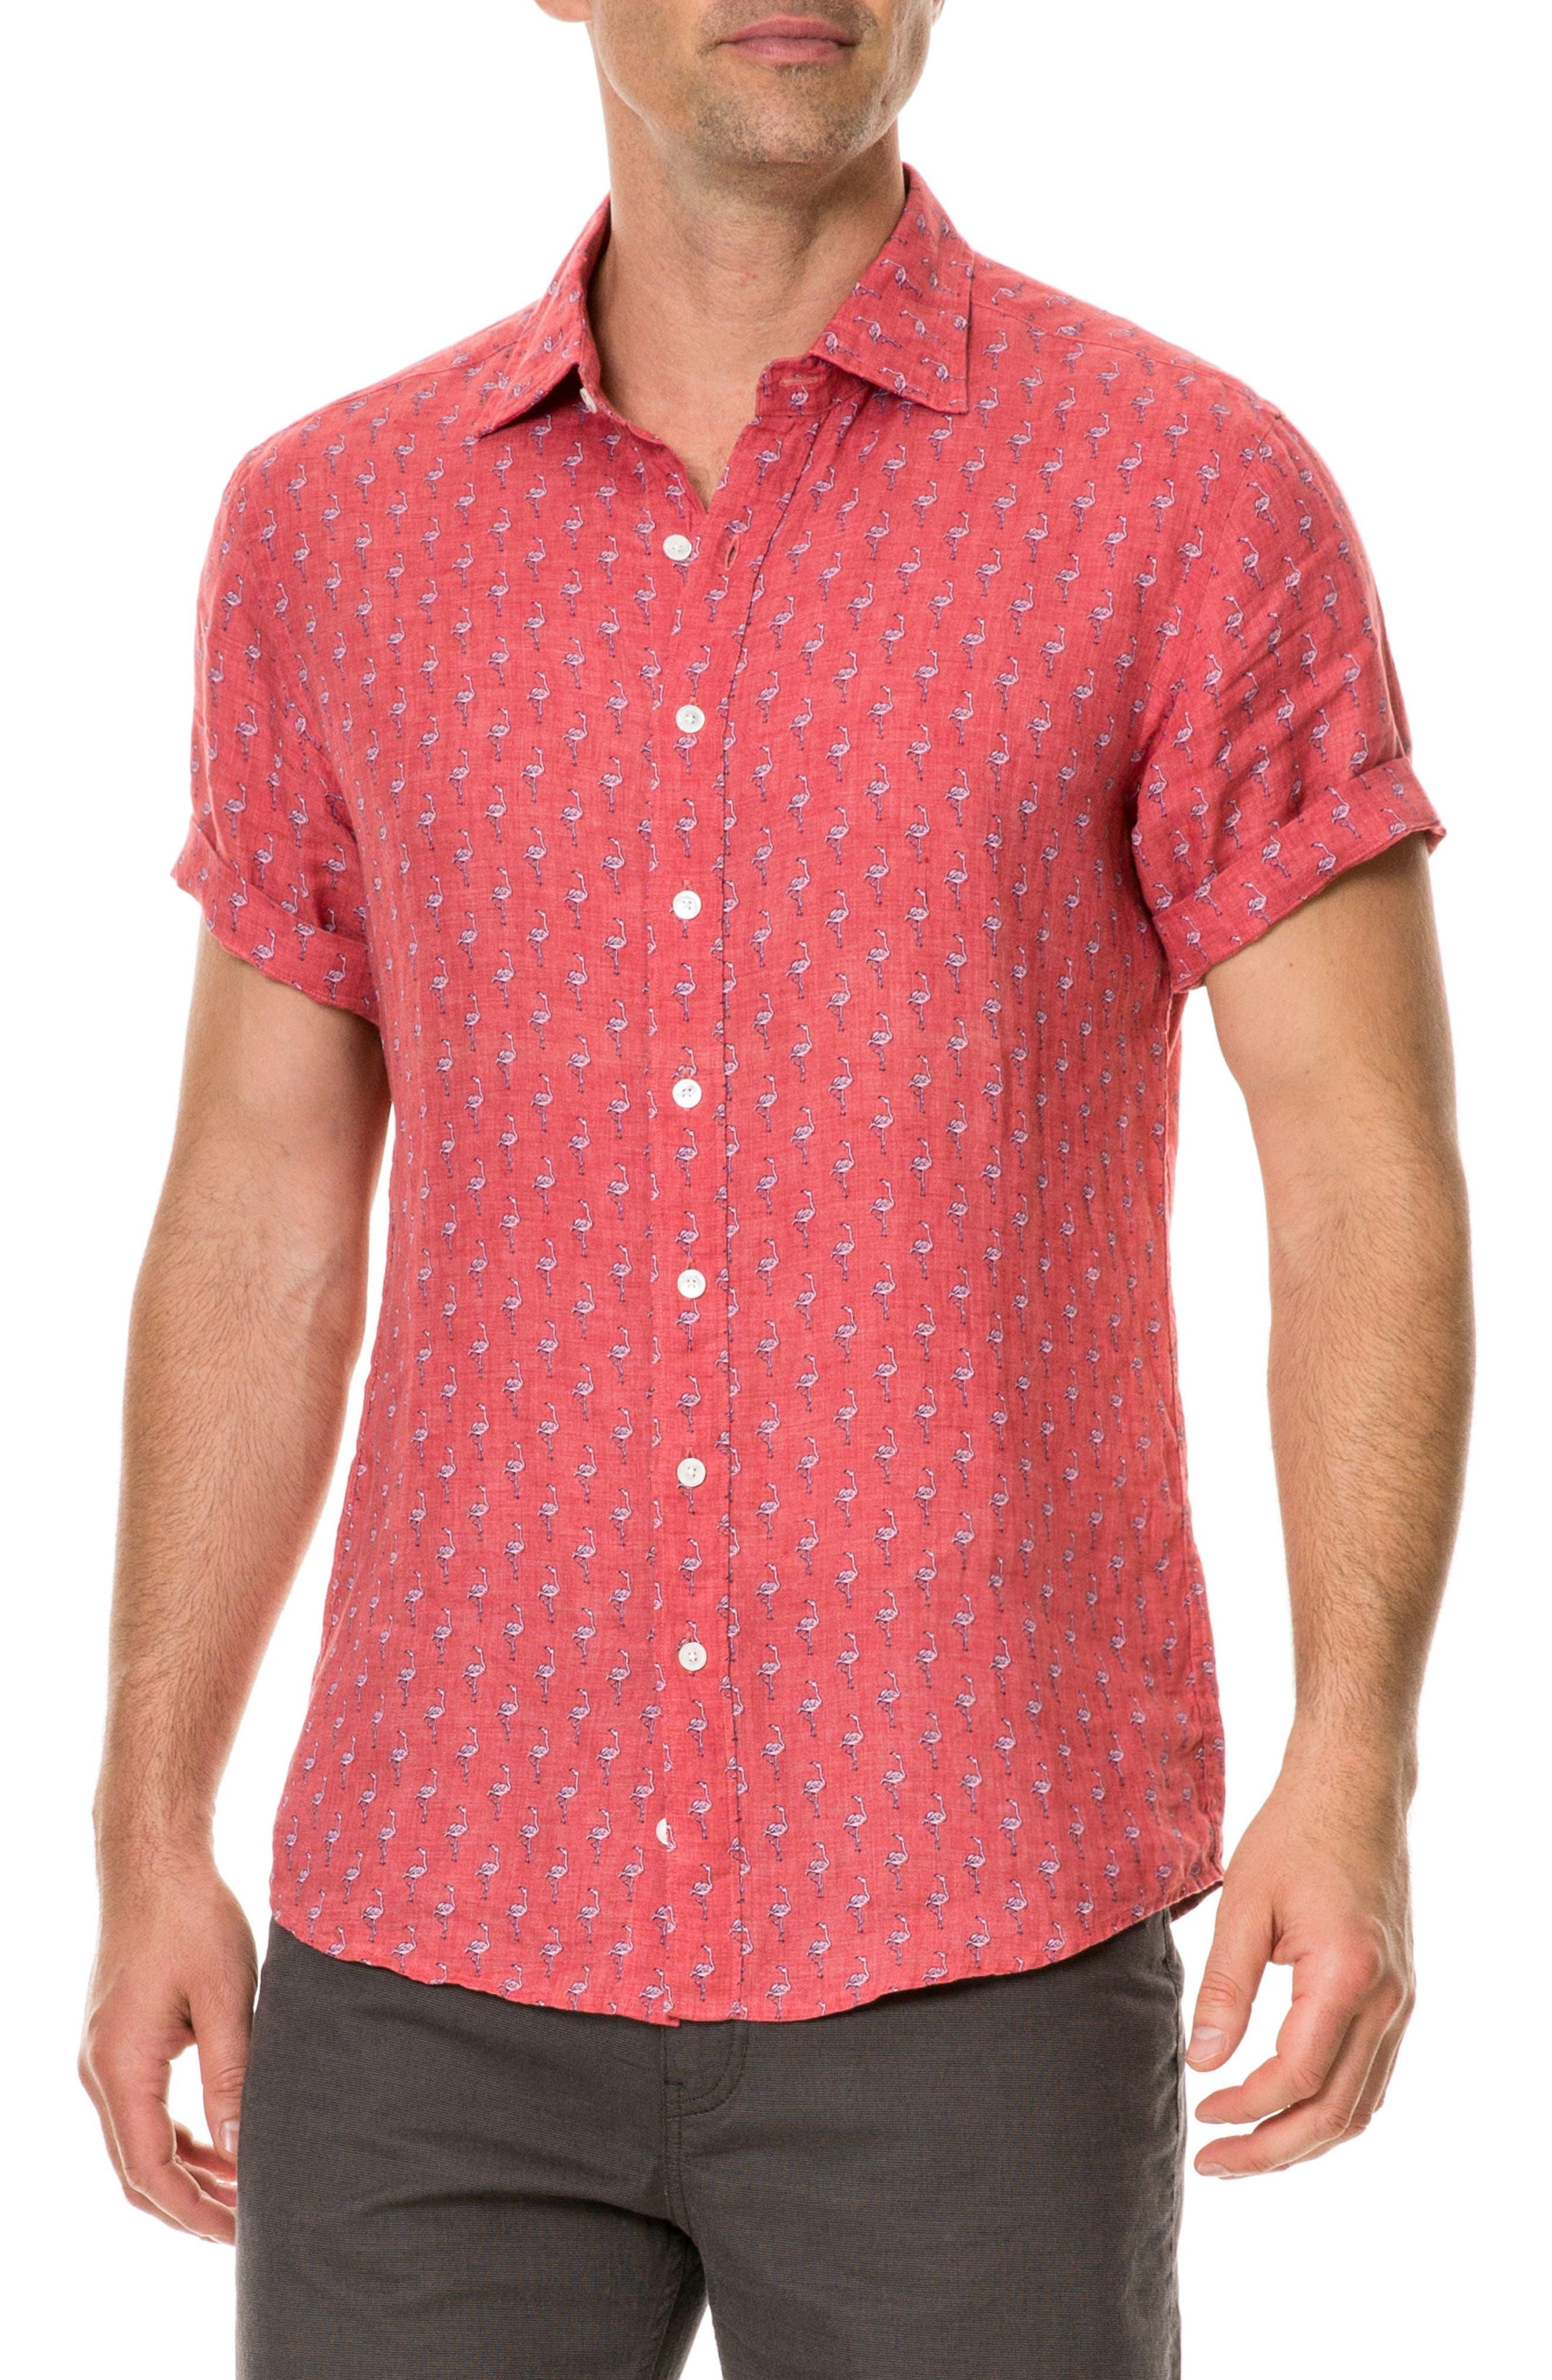 Hans Bay Sports Fit Flamingo Print Sport Shirt,                             Main thumbnail 1, color,                             CORAL